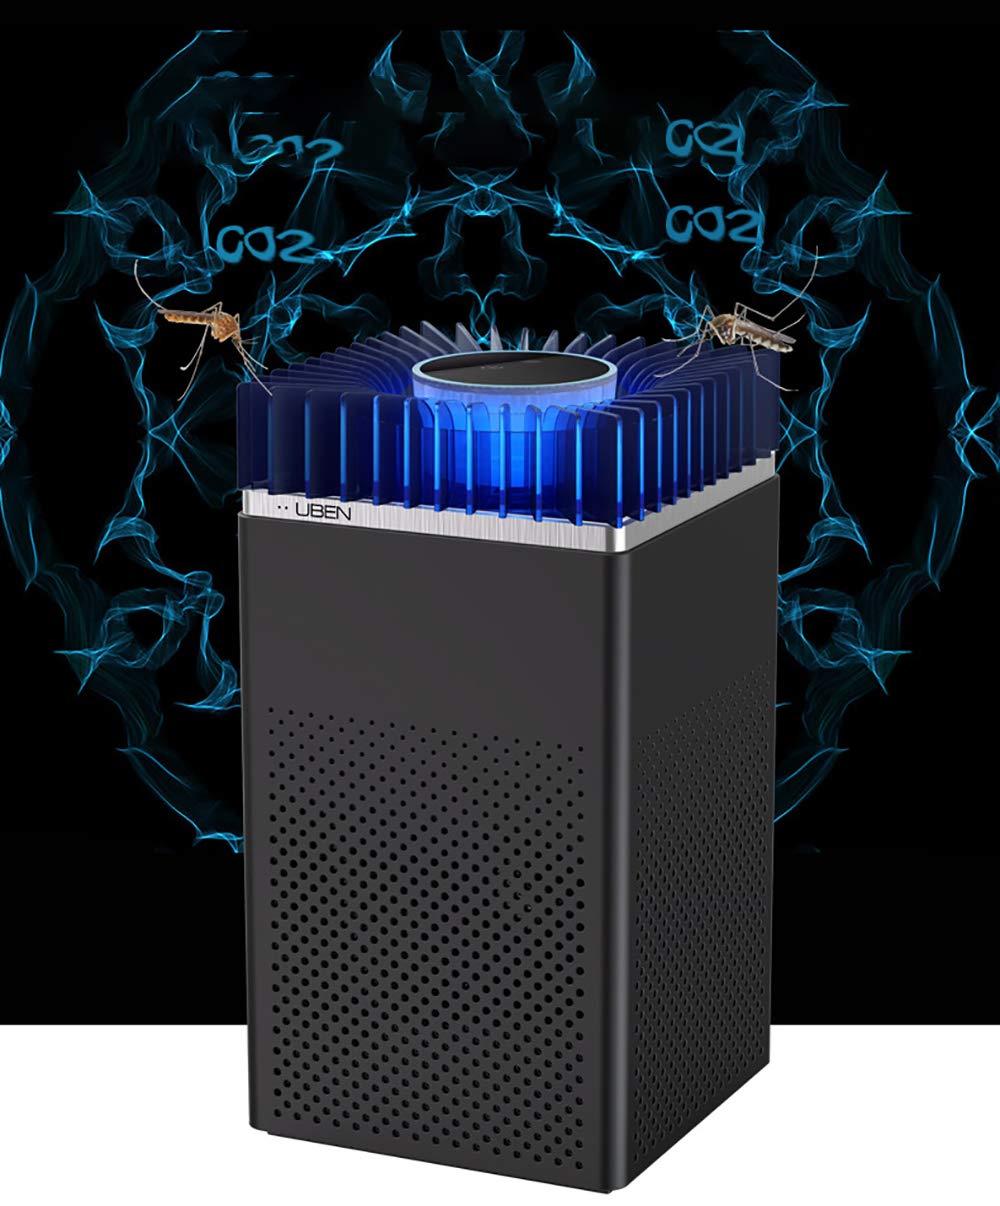 OYDA USB Moustique Tueur Maison intérieur Plug-in muet Moustique lumière photocatalyseur Bureau Camping en Plein air Lampe Moustique